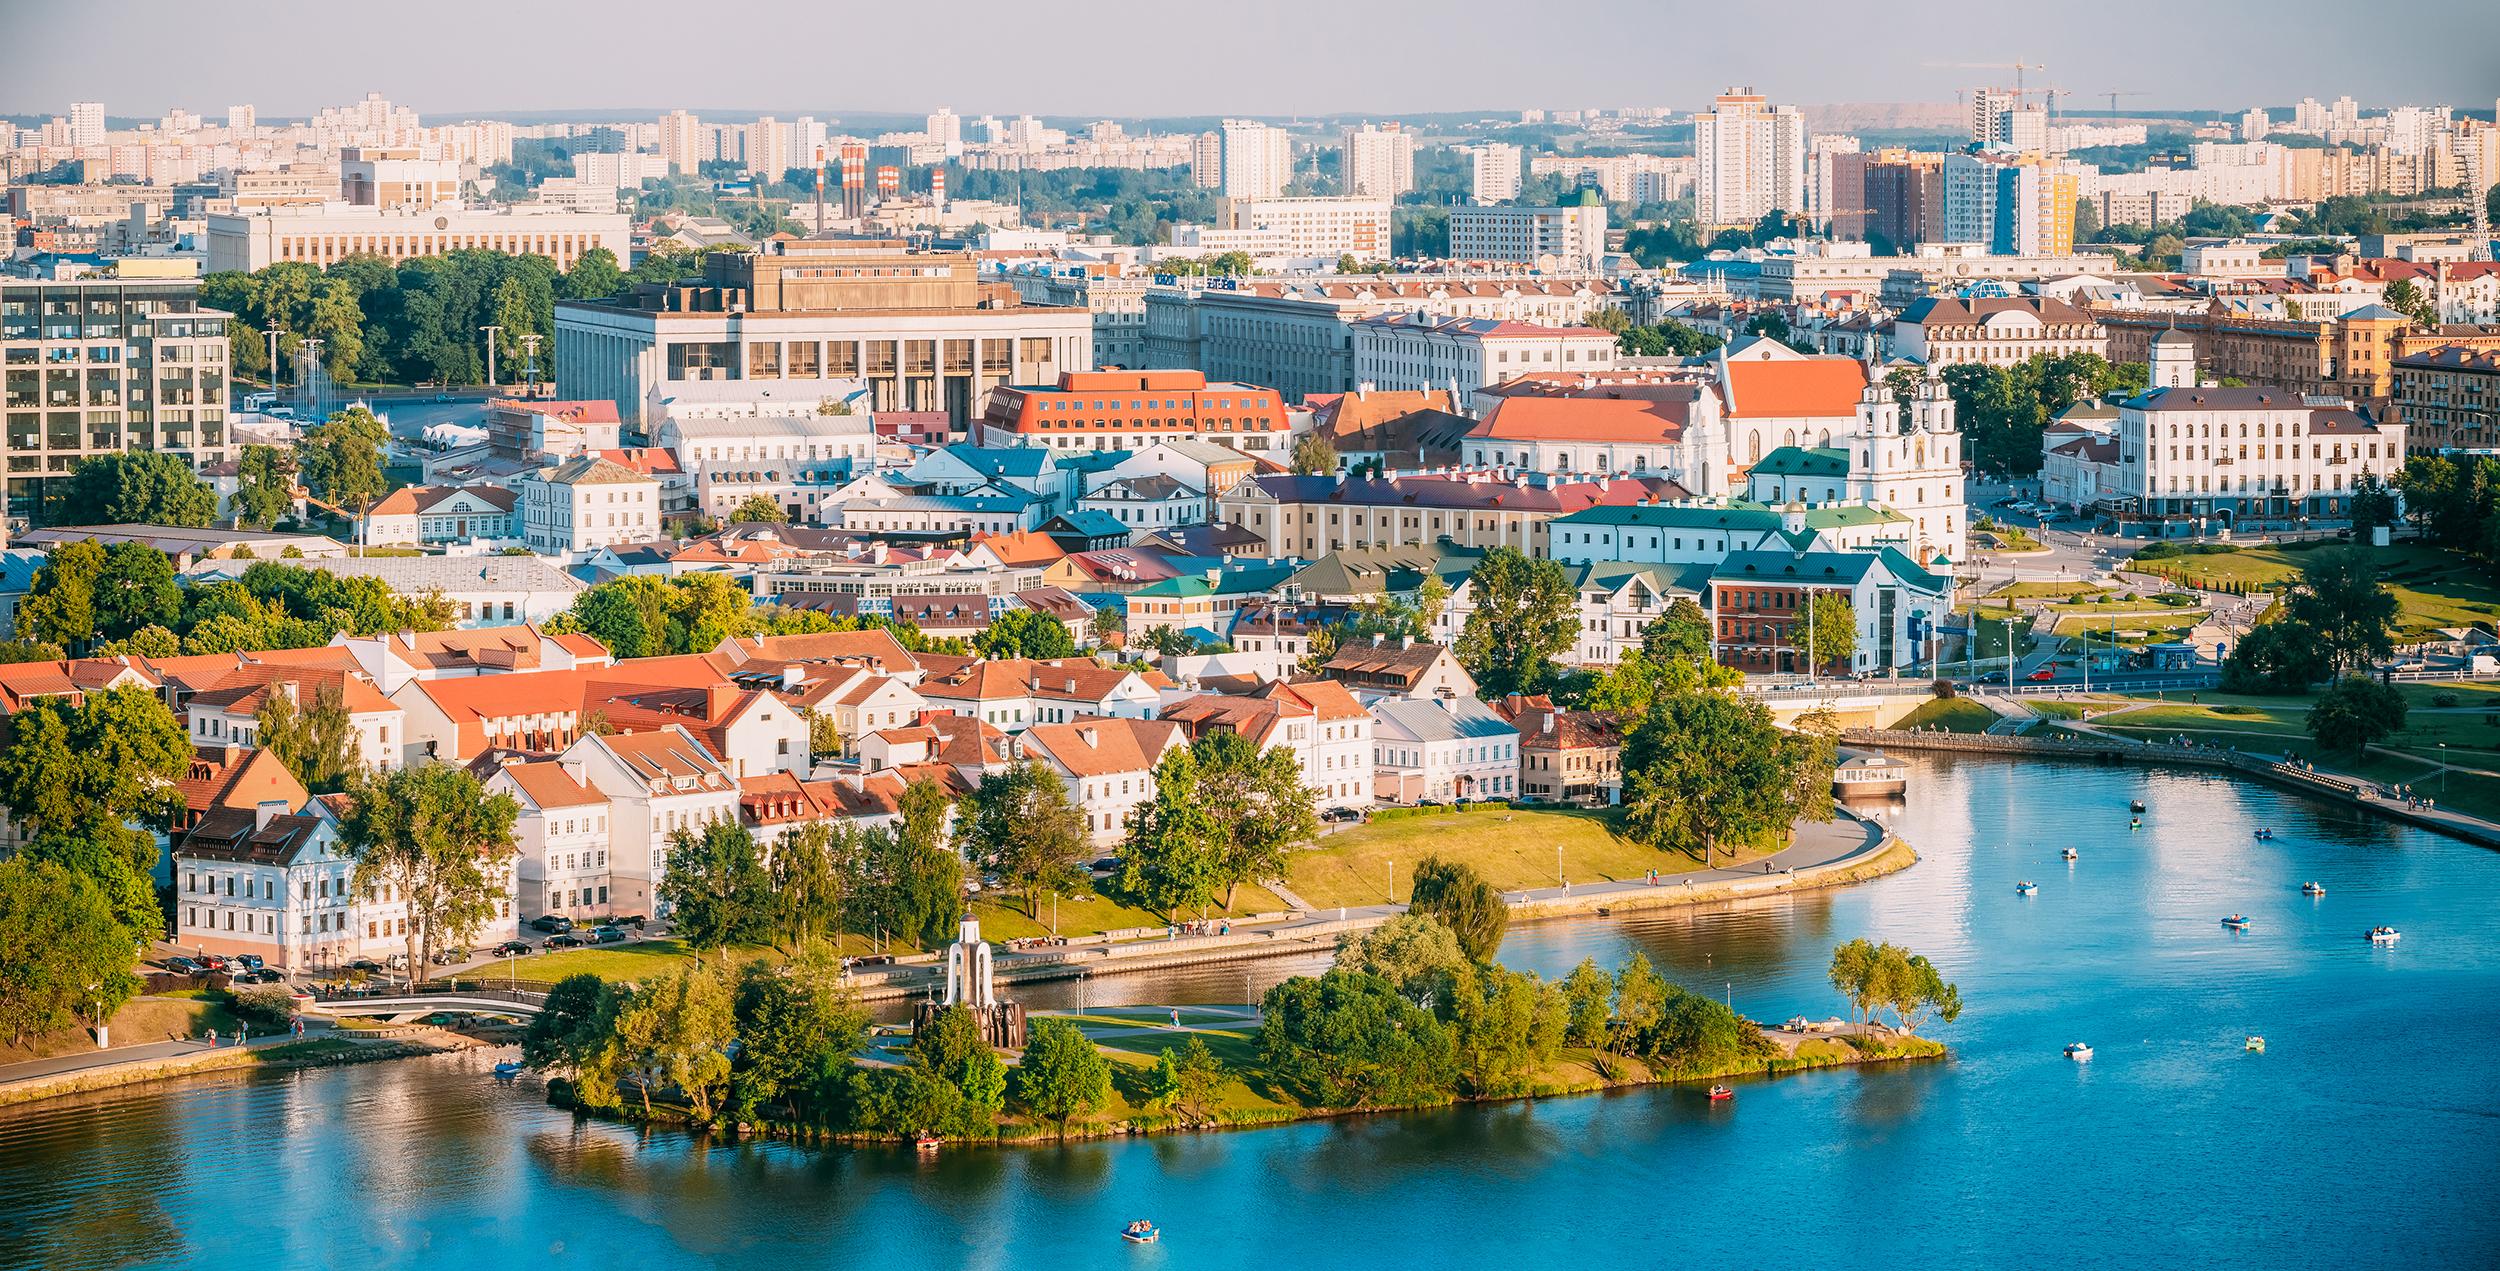 Minszk nyáron - fotó: istockphoto